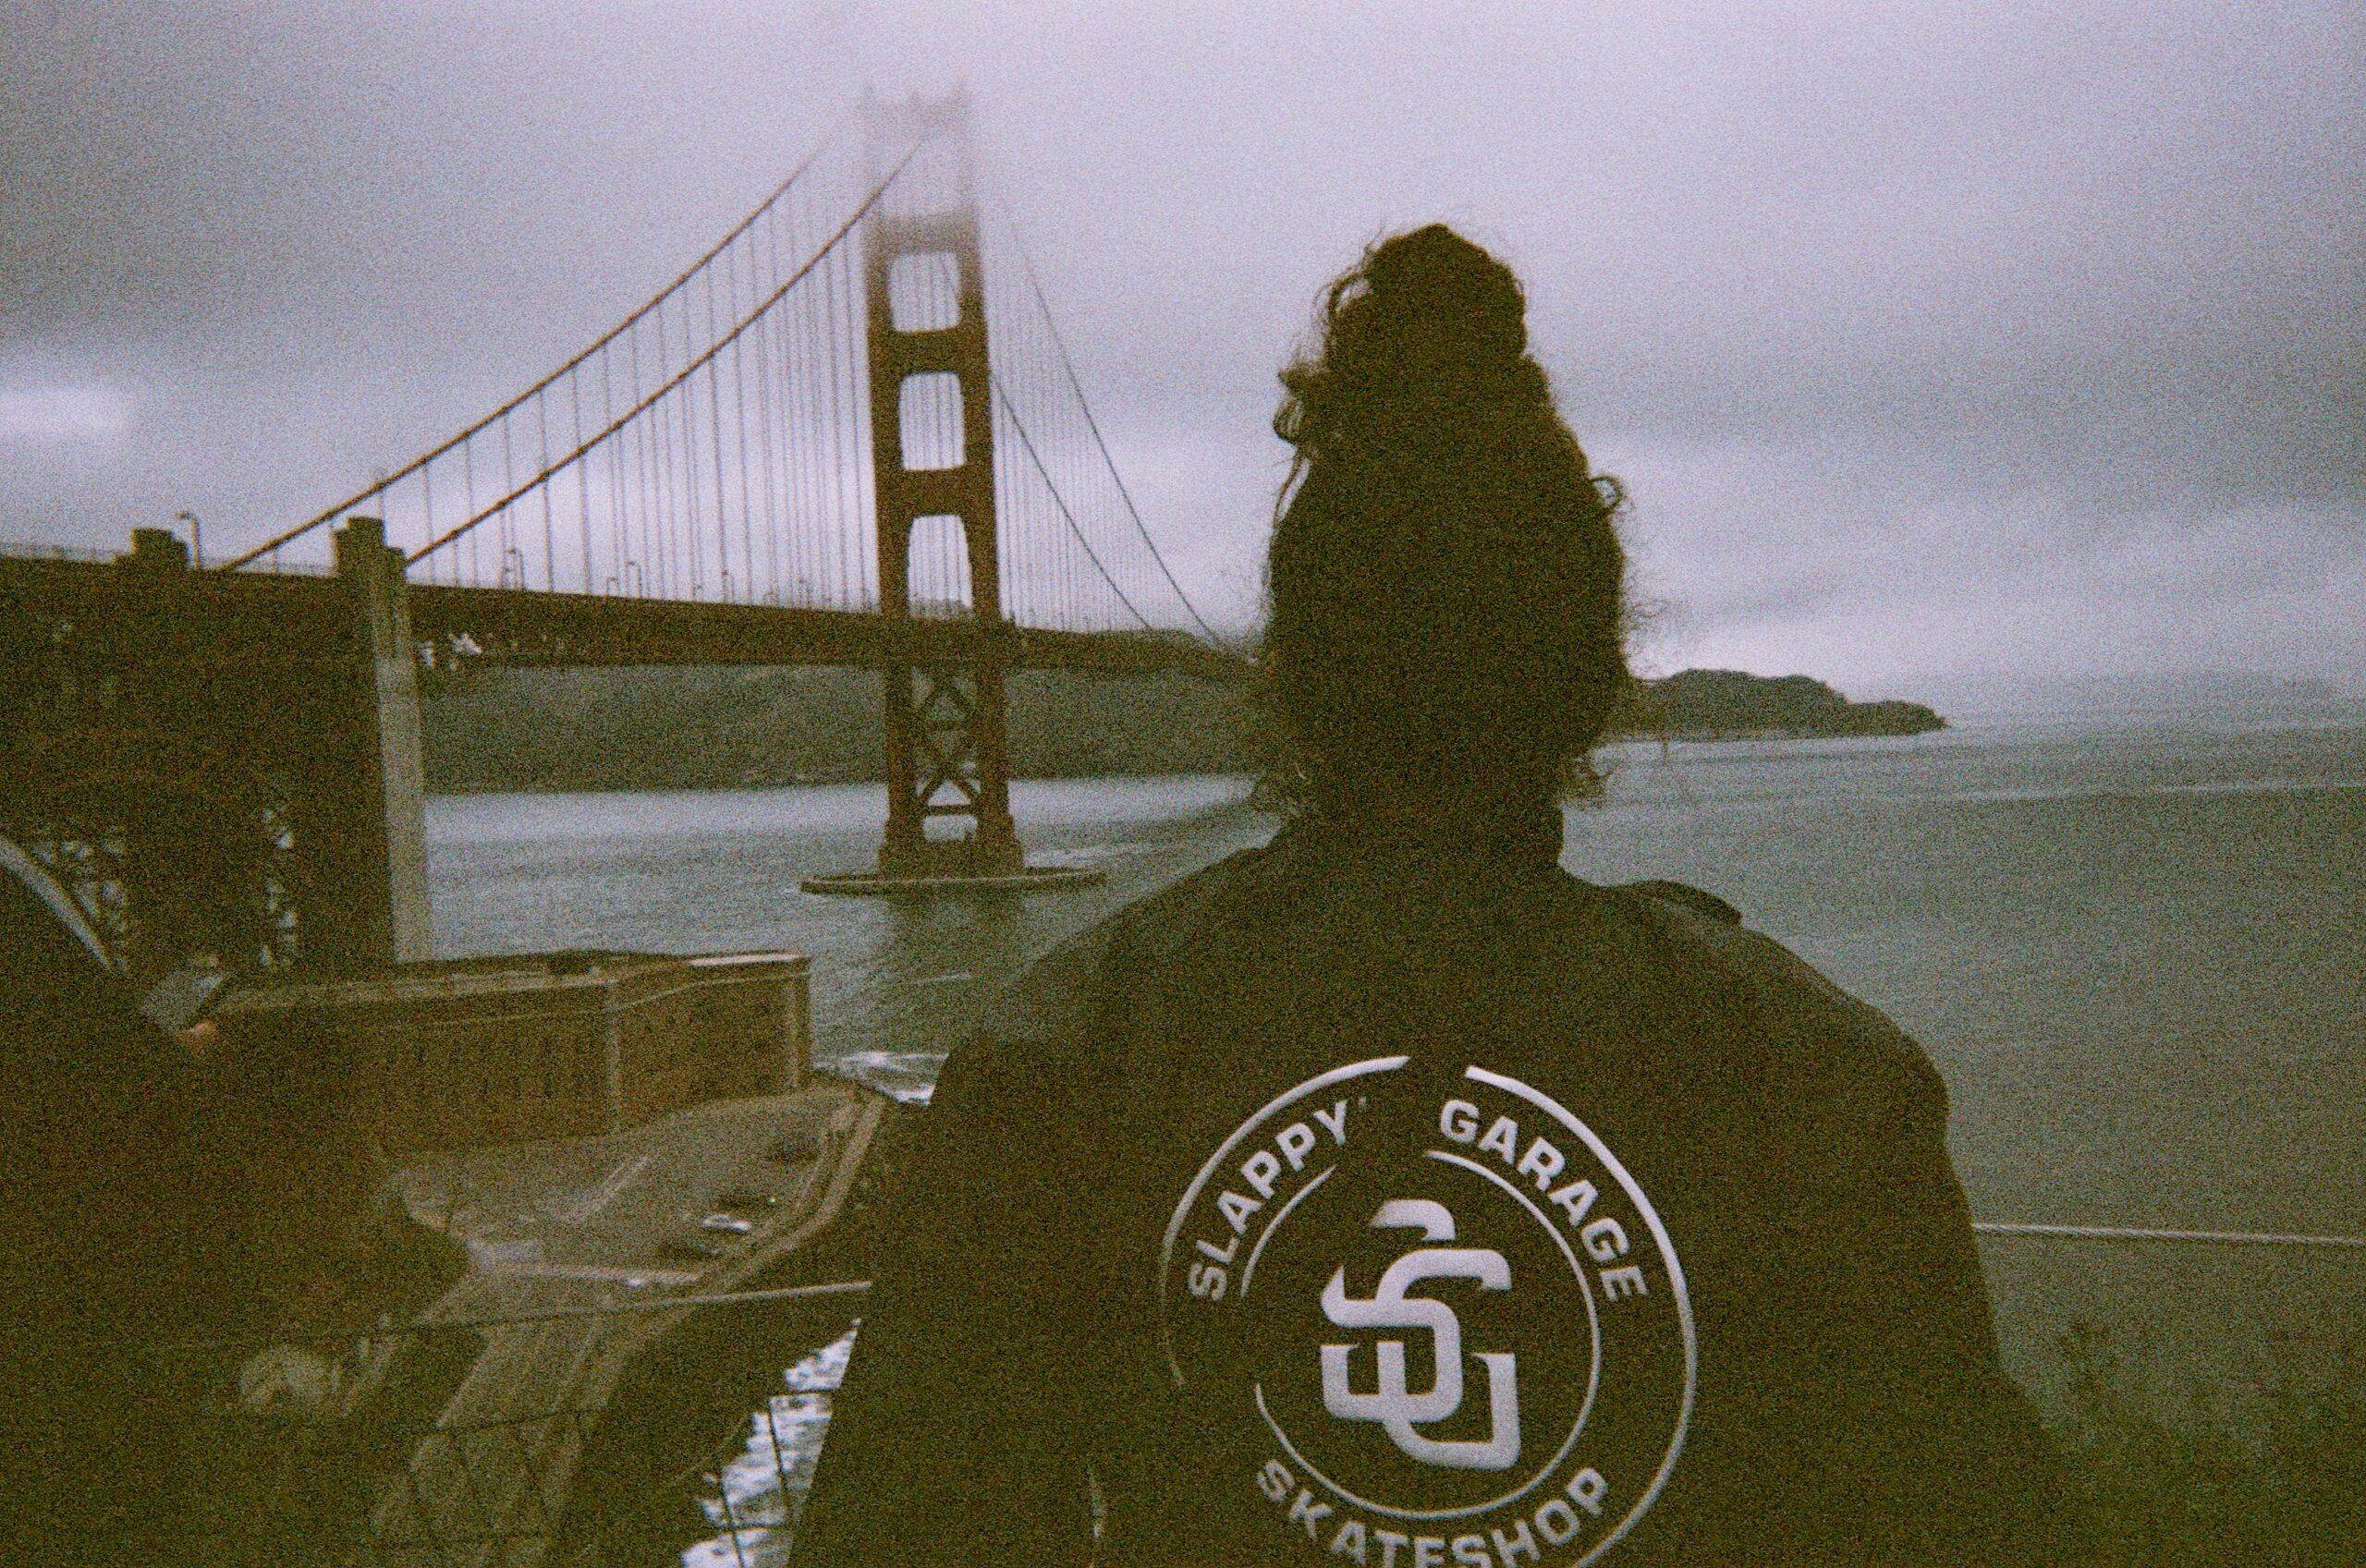 Slappy's Gals Take San Francisco